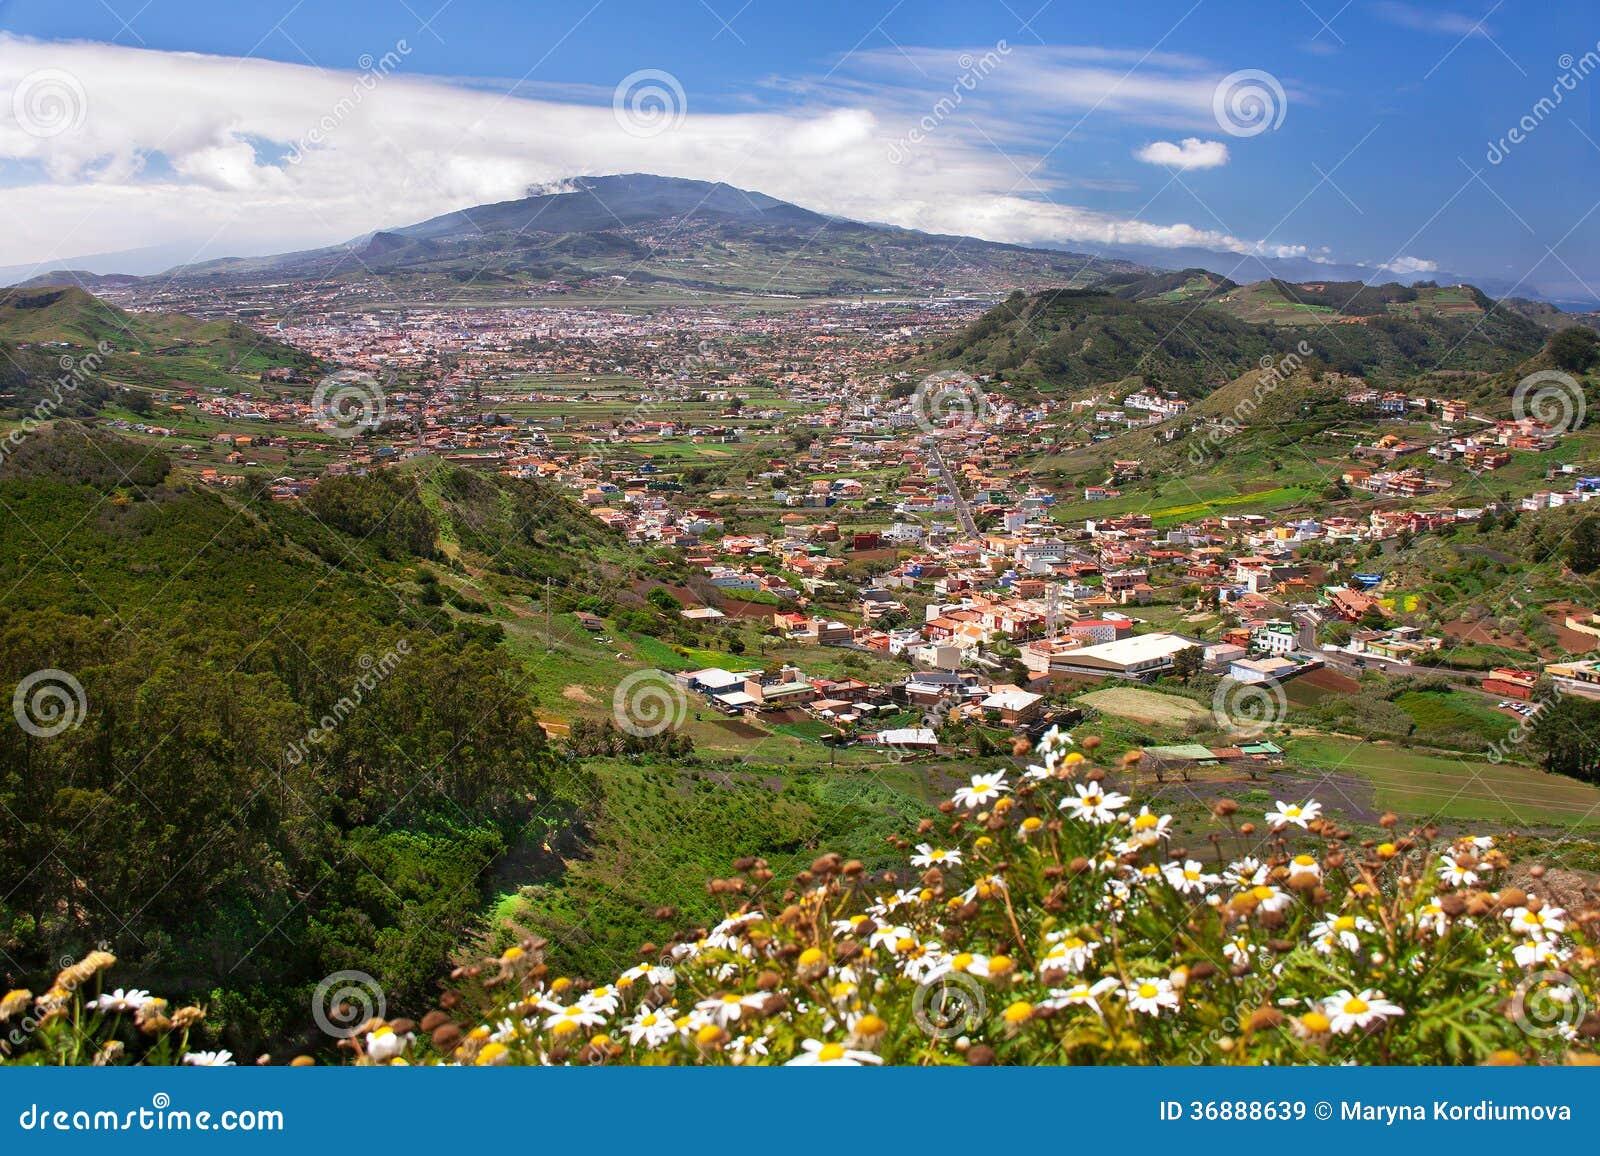 Download Paesaggio Della Valle Della Montagna Immagine Stock - Immagine di domestico, basso: 36888639